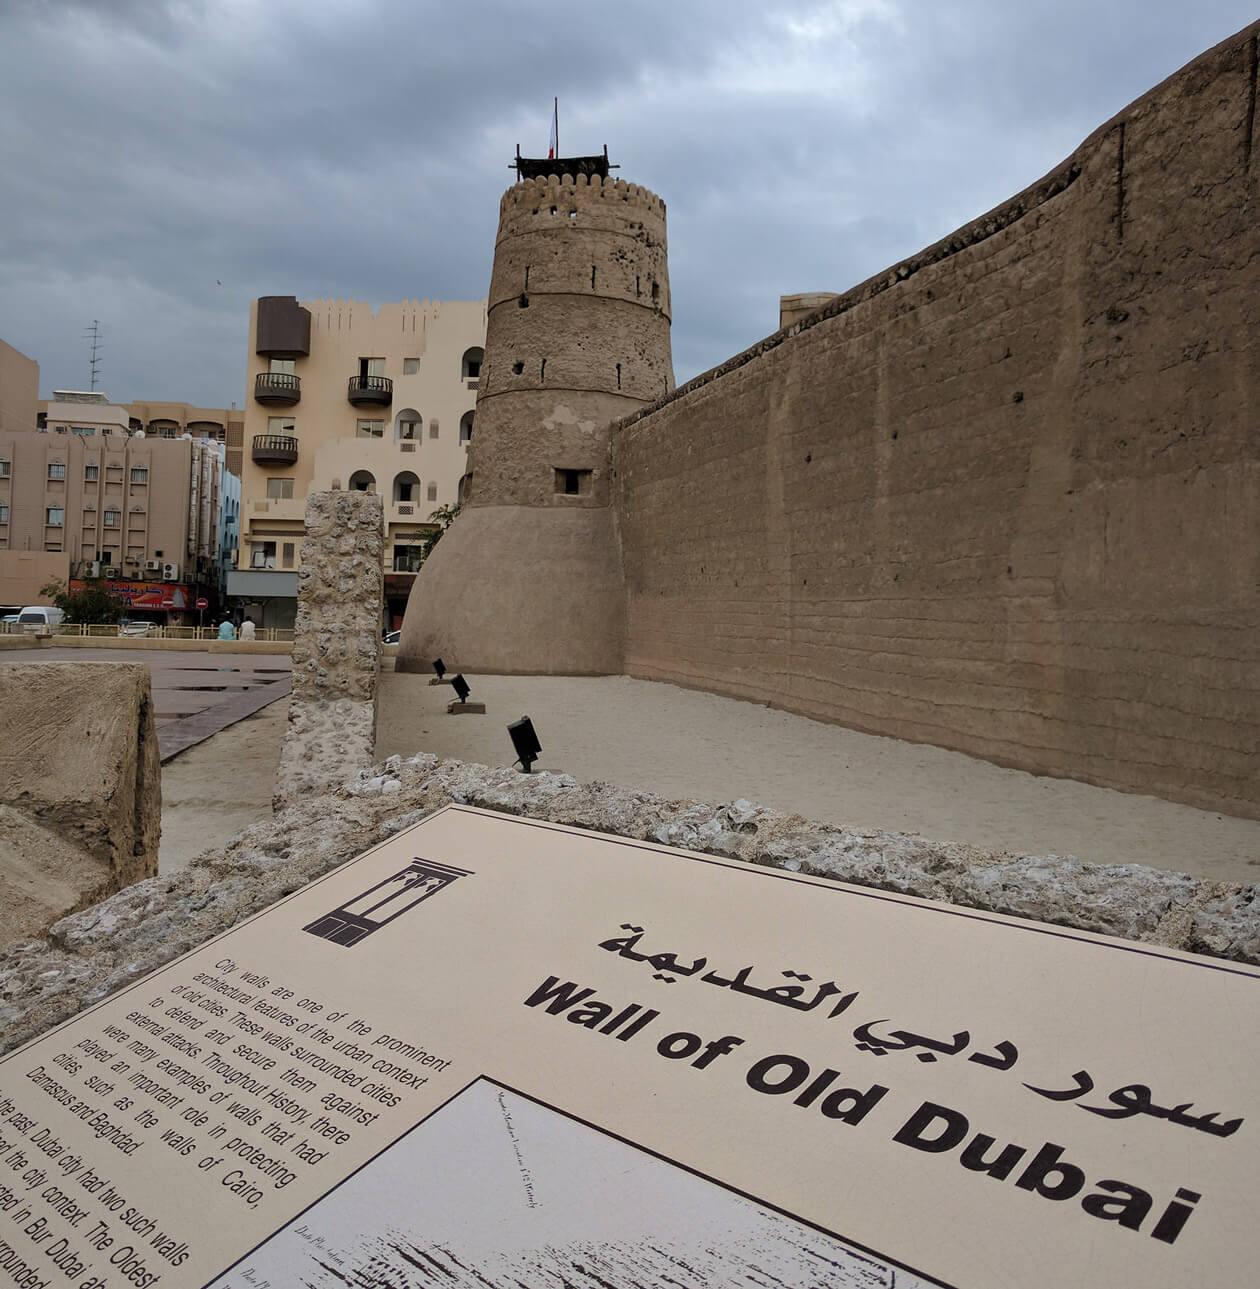 The remains of the Dubai Wall outside the Al Fahidi Fort